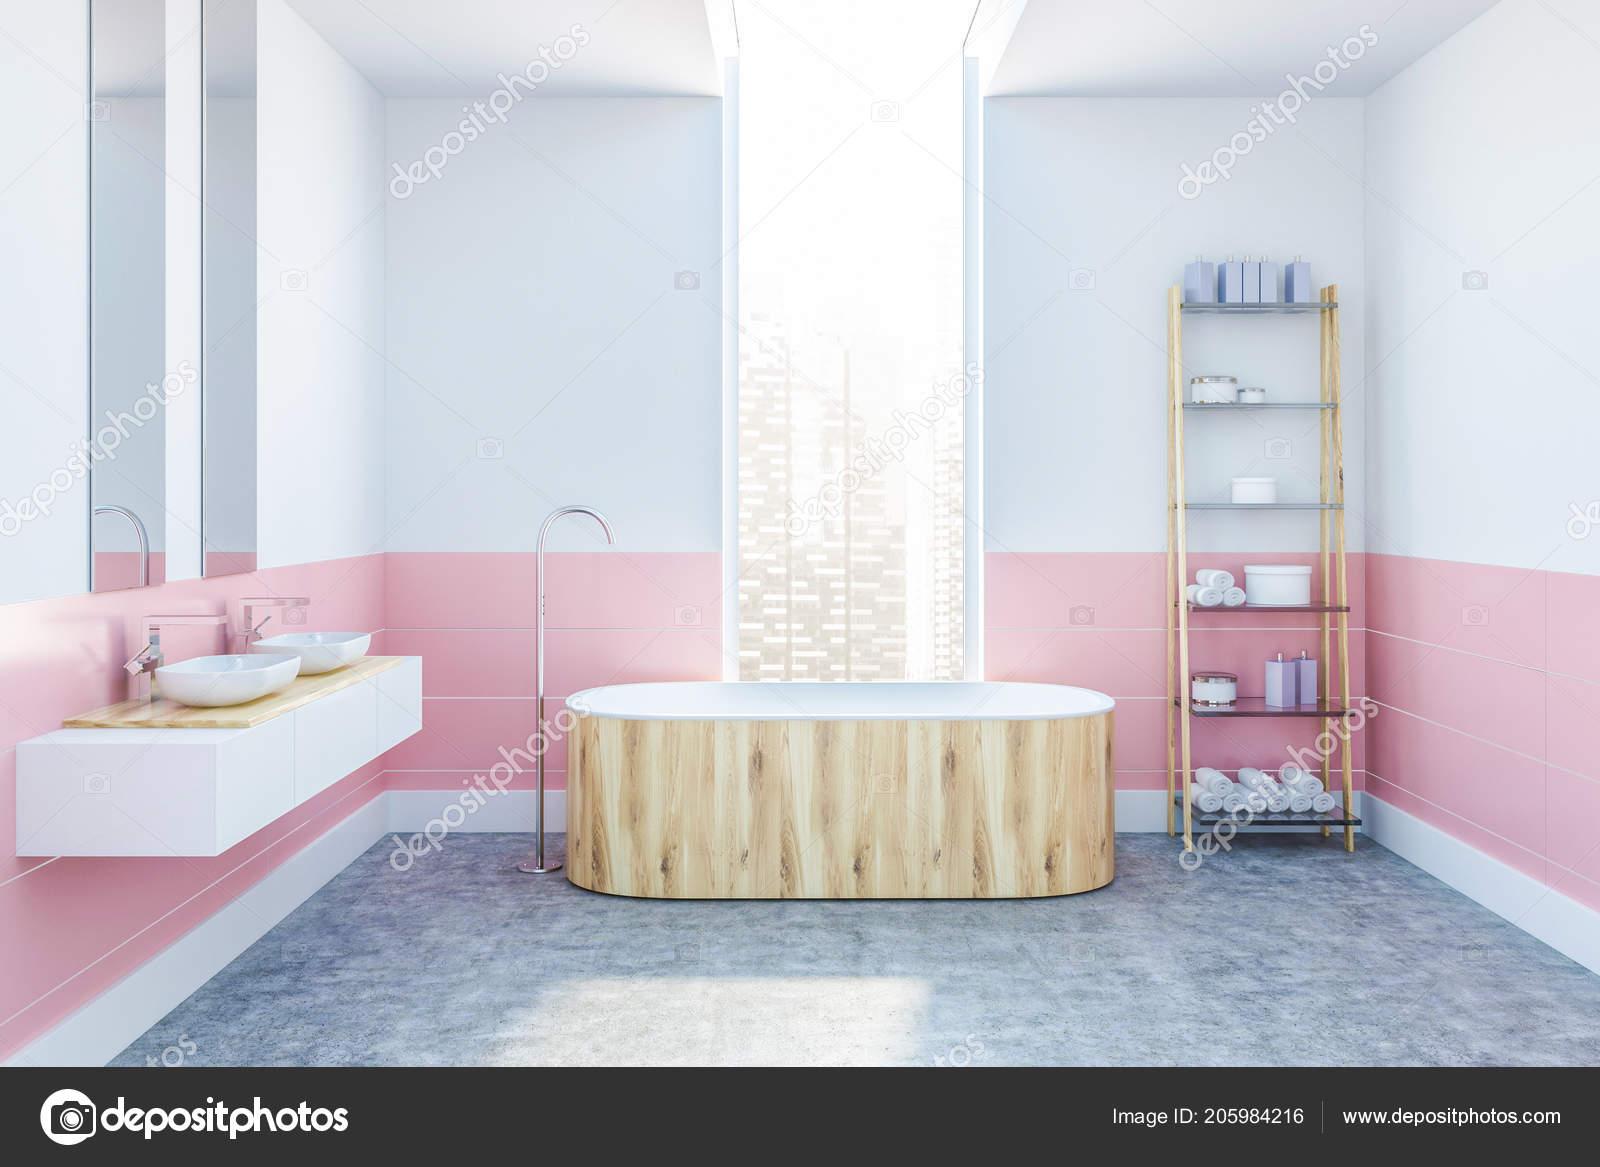 Intérieur De Salle De Bains Moderne Avec Des Murs Blancs Et Roses, Un  Plancher De Béton, Une Baignoire En Bois Debout Sous La Fenêtre, Un Double  Lavabo Et ...